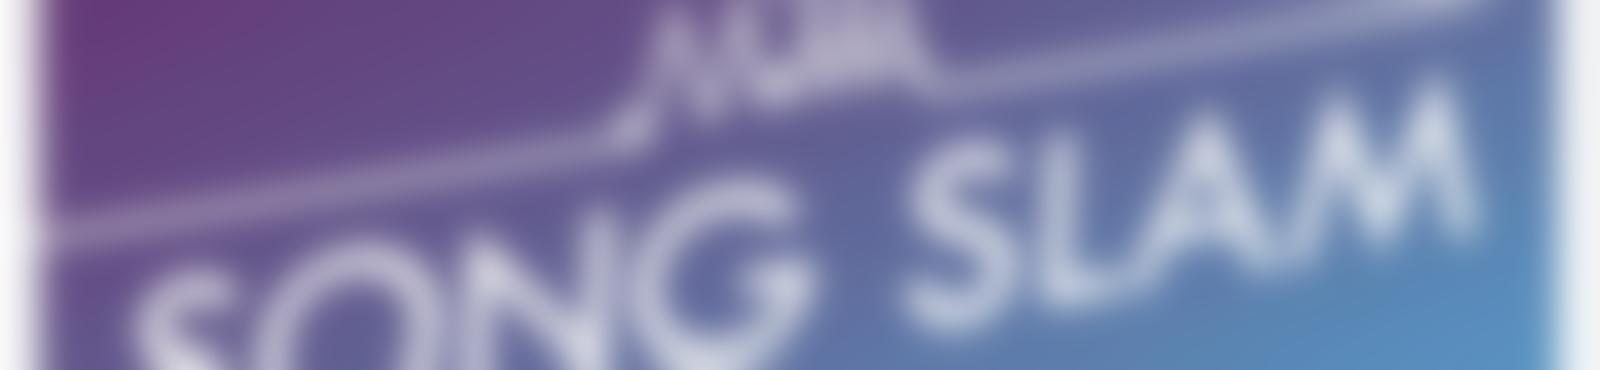 Blurred c2cd5320 a383 4da1 b2a8 1dde3395ca42